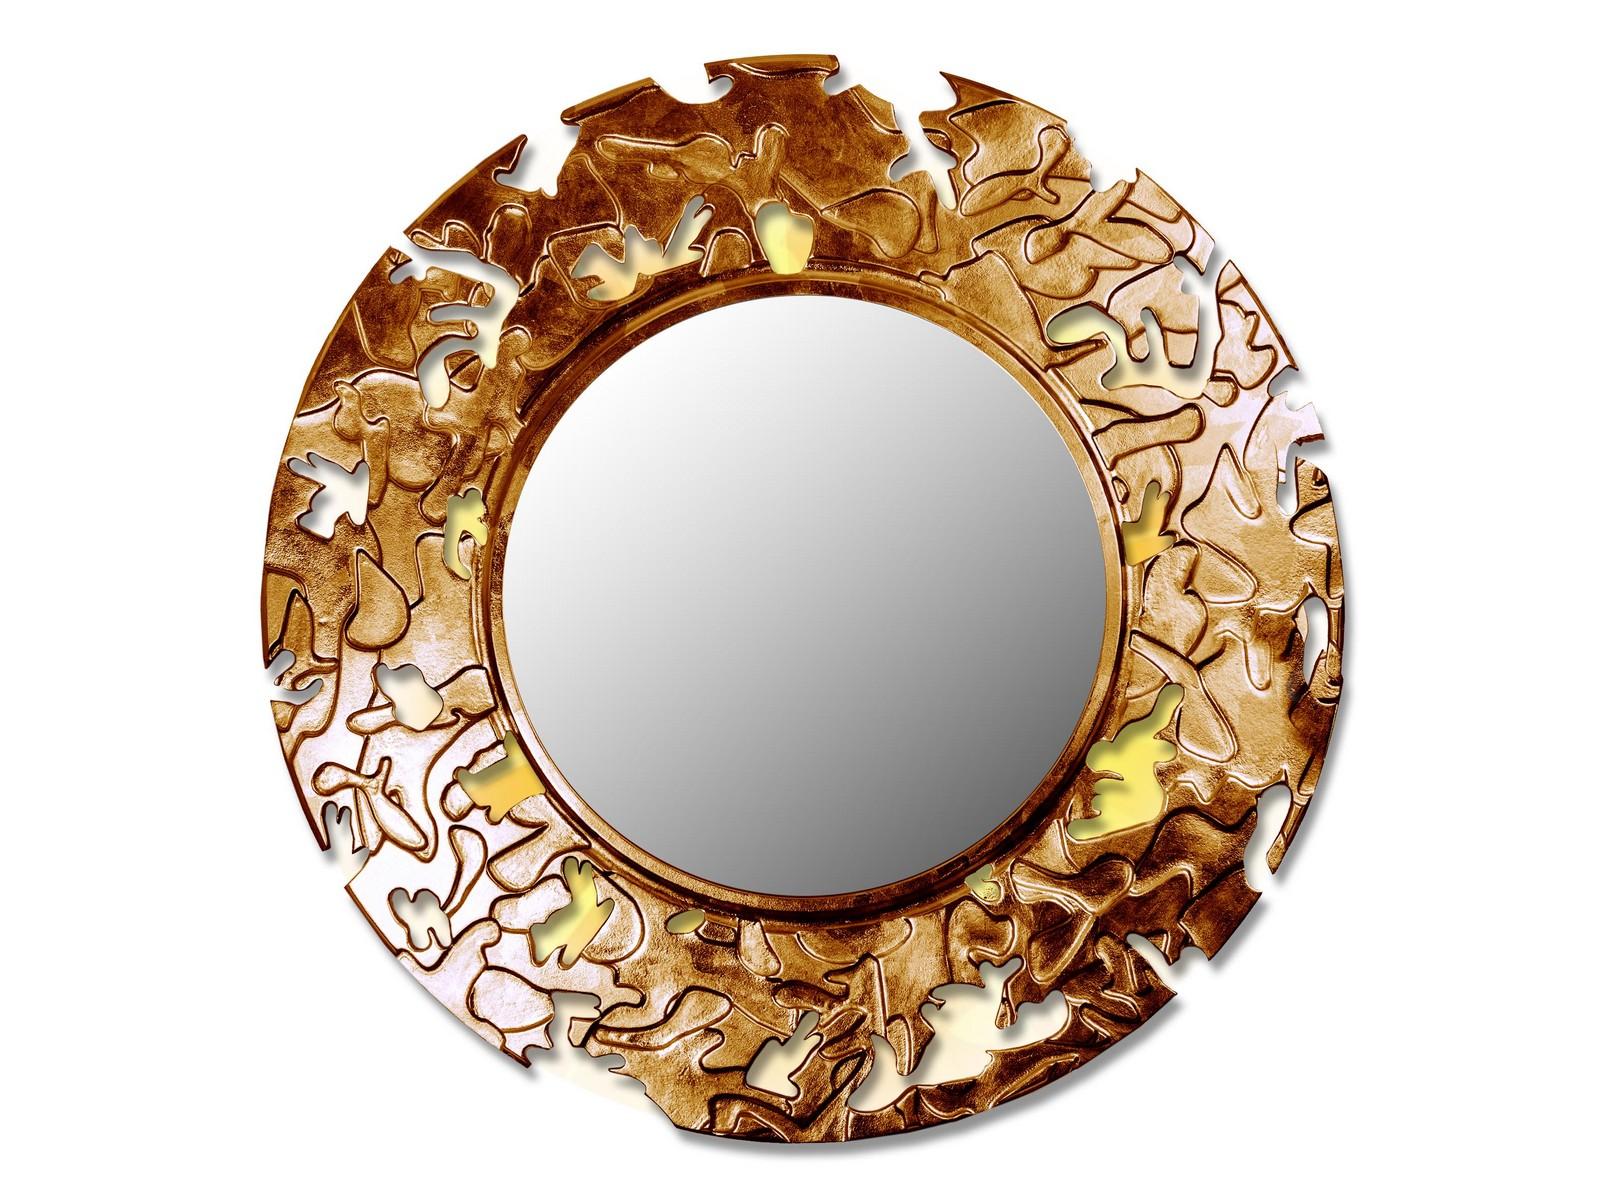 Зеркало CAMOUFLAGEНастенные зеркала<br>Данный вариант представлен в круглой форме.&amp;lt;div&amp;gt;&amp;lt;br&amp;gt;&amp;lt;/div&amp;gt;&amp;lt;div&amp;gt;&amp;lt;p class=&amp;quot;MsoNormal&amp;quot;&amp;gt;Товарное предложение оснащено светодиодной подсветкой.&amp;lt;o:p&amp;gt;&amp;lt;/o:p&amp;gt;&amp;lt;/p&amp;gt;&amp;lt;/div&amp;gt;<br><br>Material: Дерево<br>Глубина см: 1.0